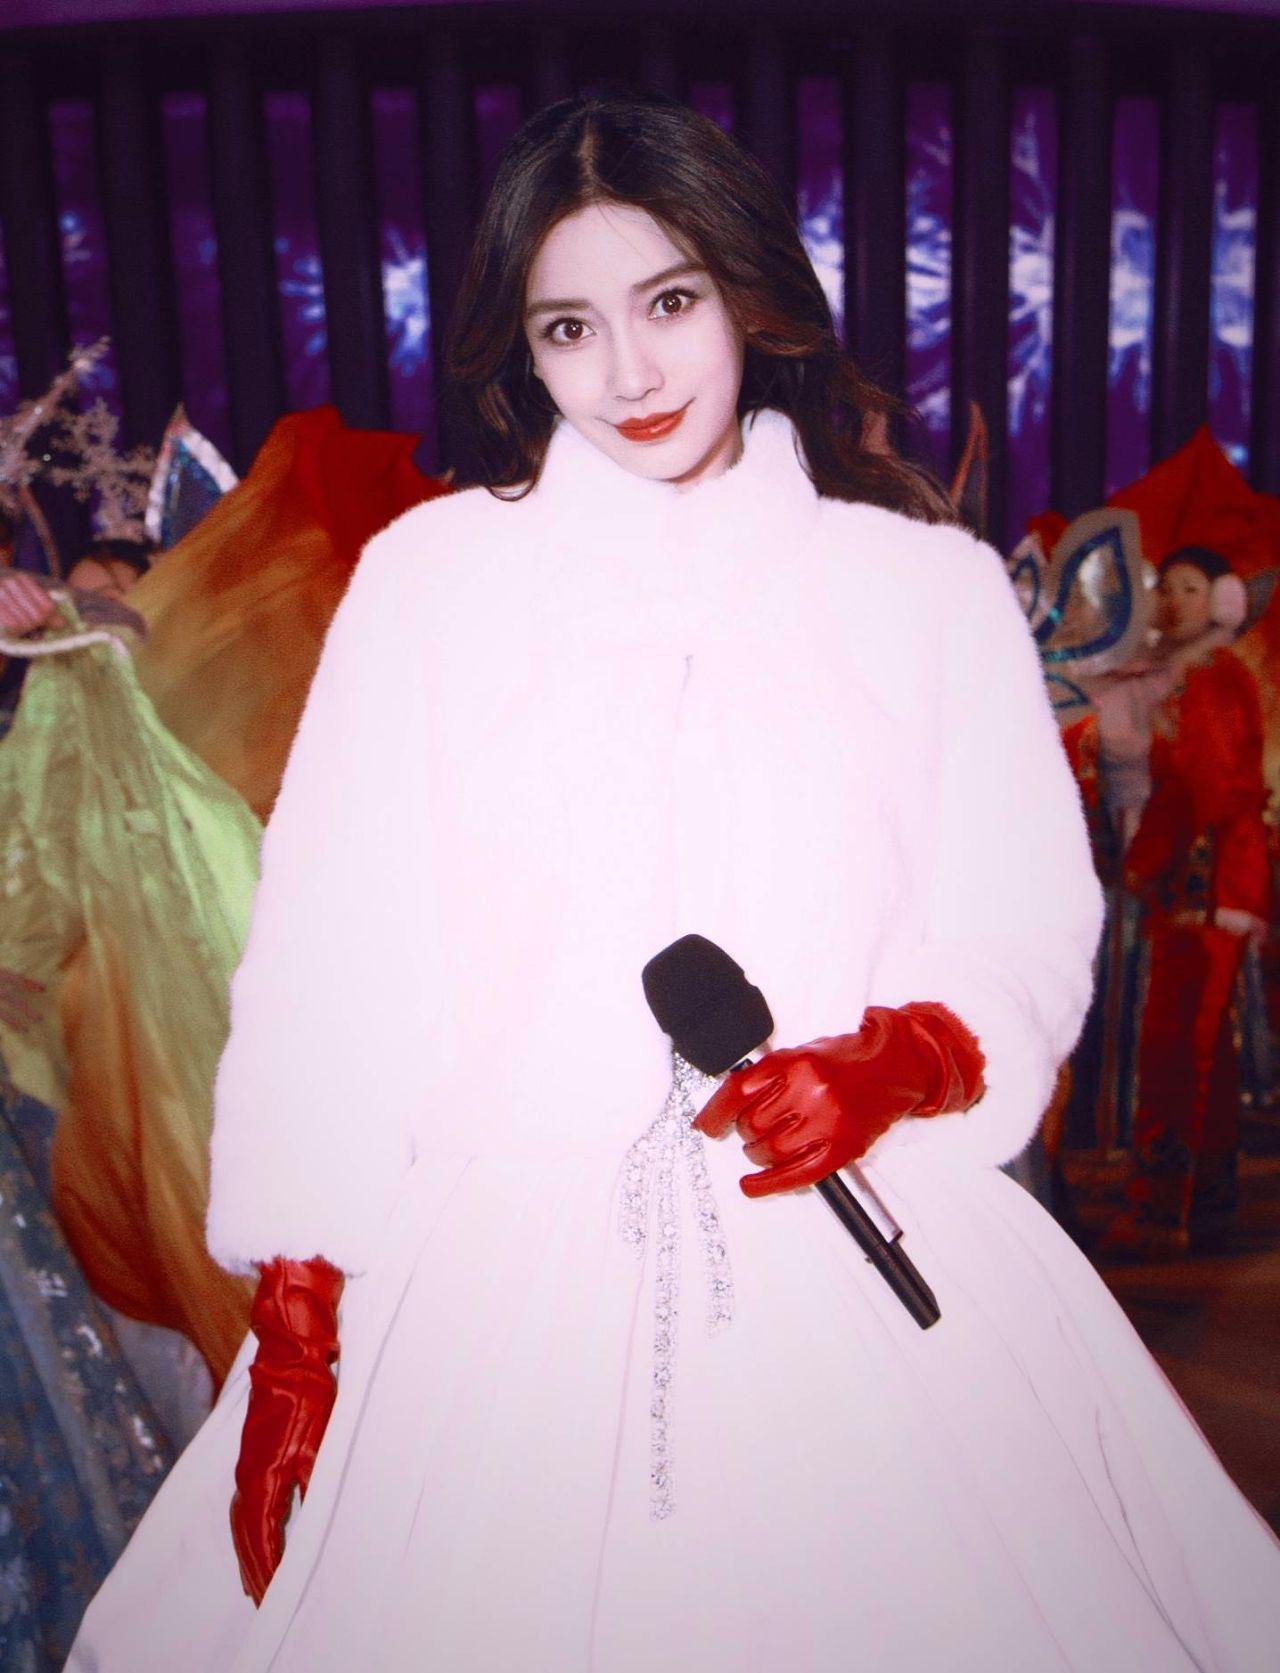 杨颖的裙子大多数是吊带,锁骨精可不是白说的!